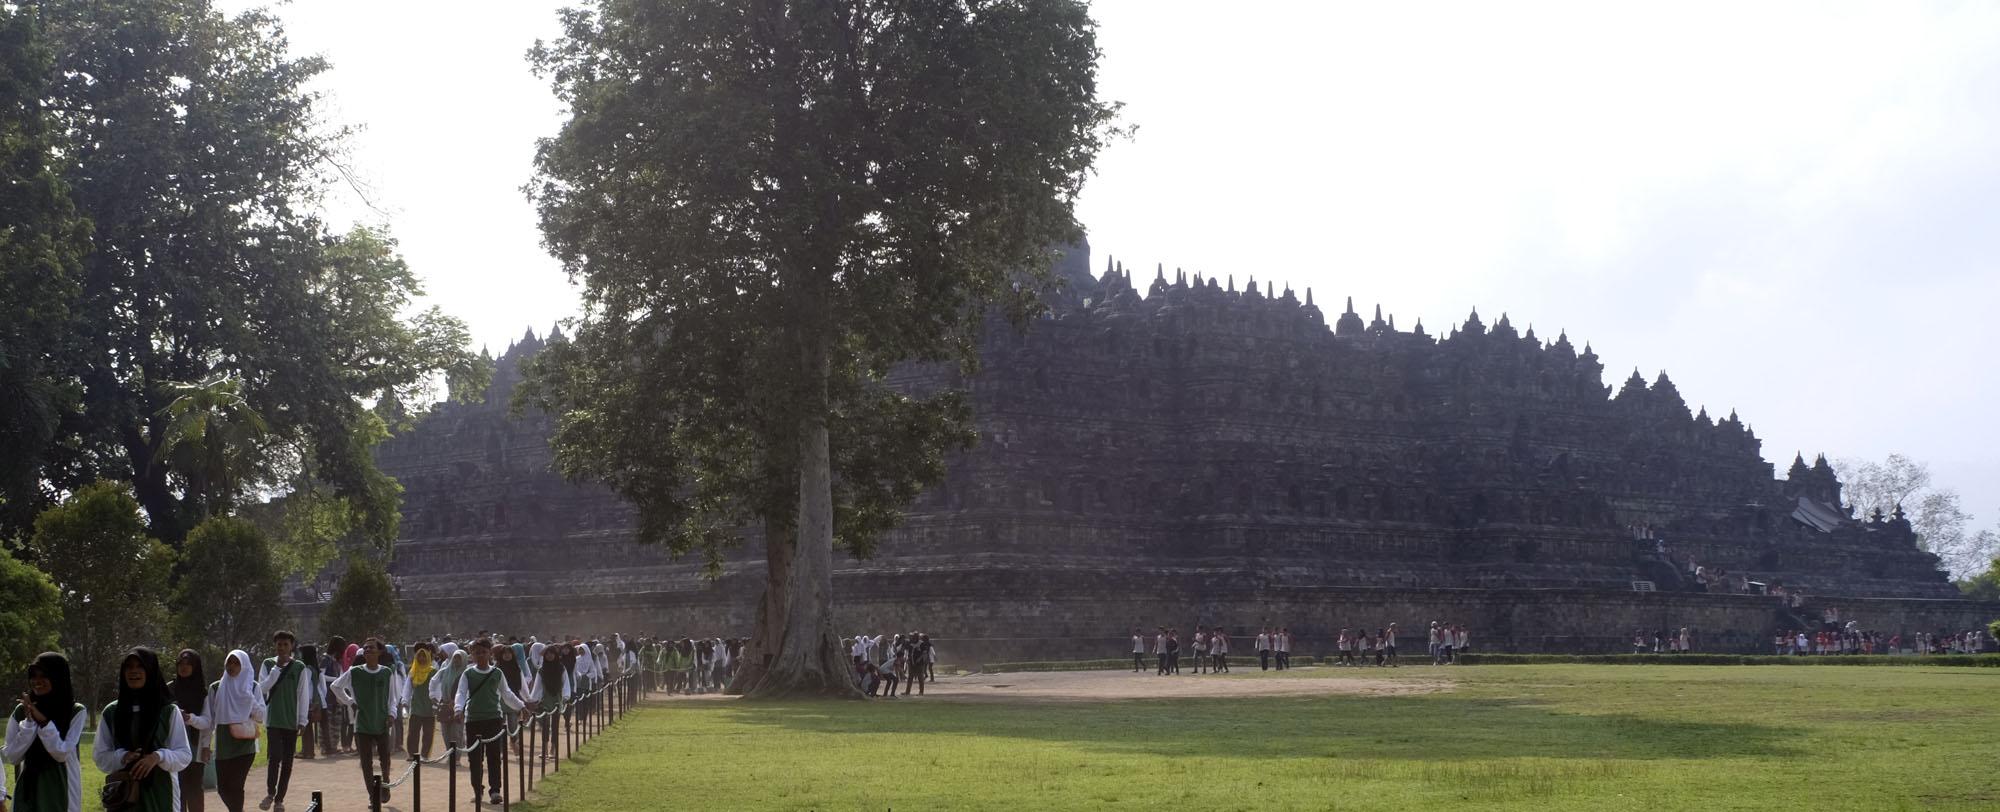 reise-ansichten Borobudur